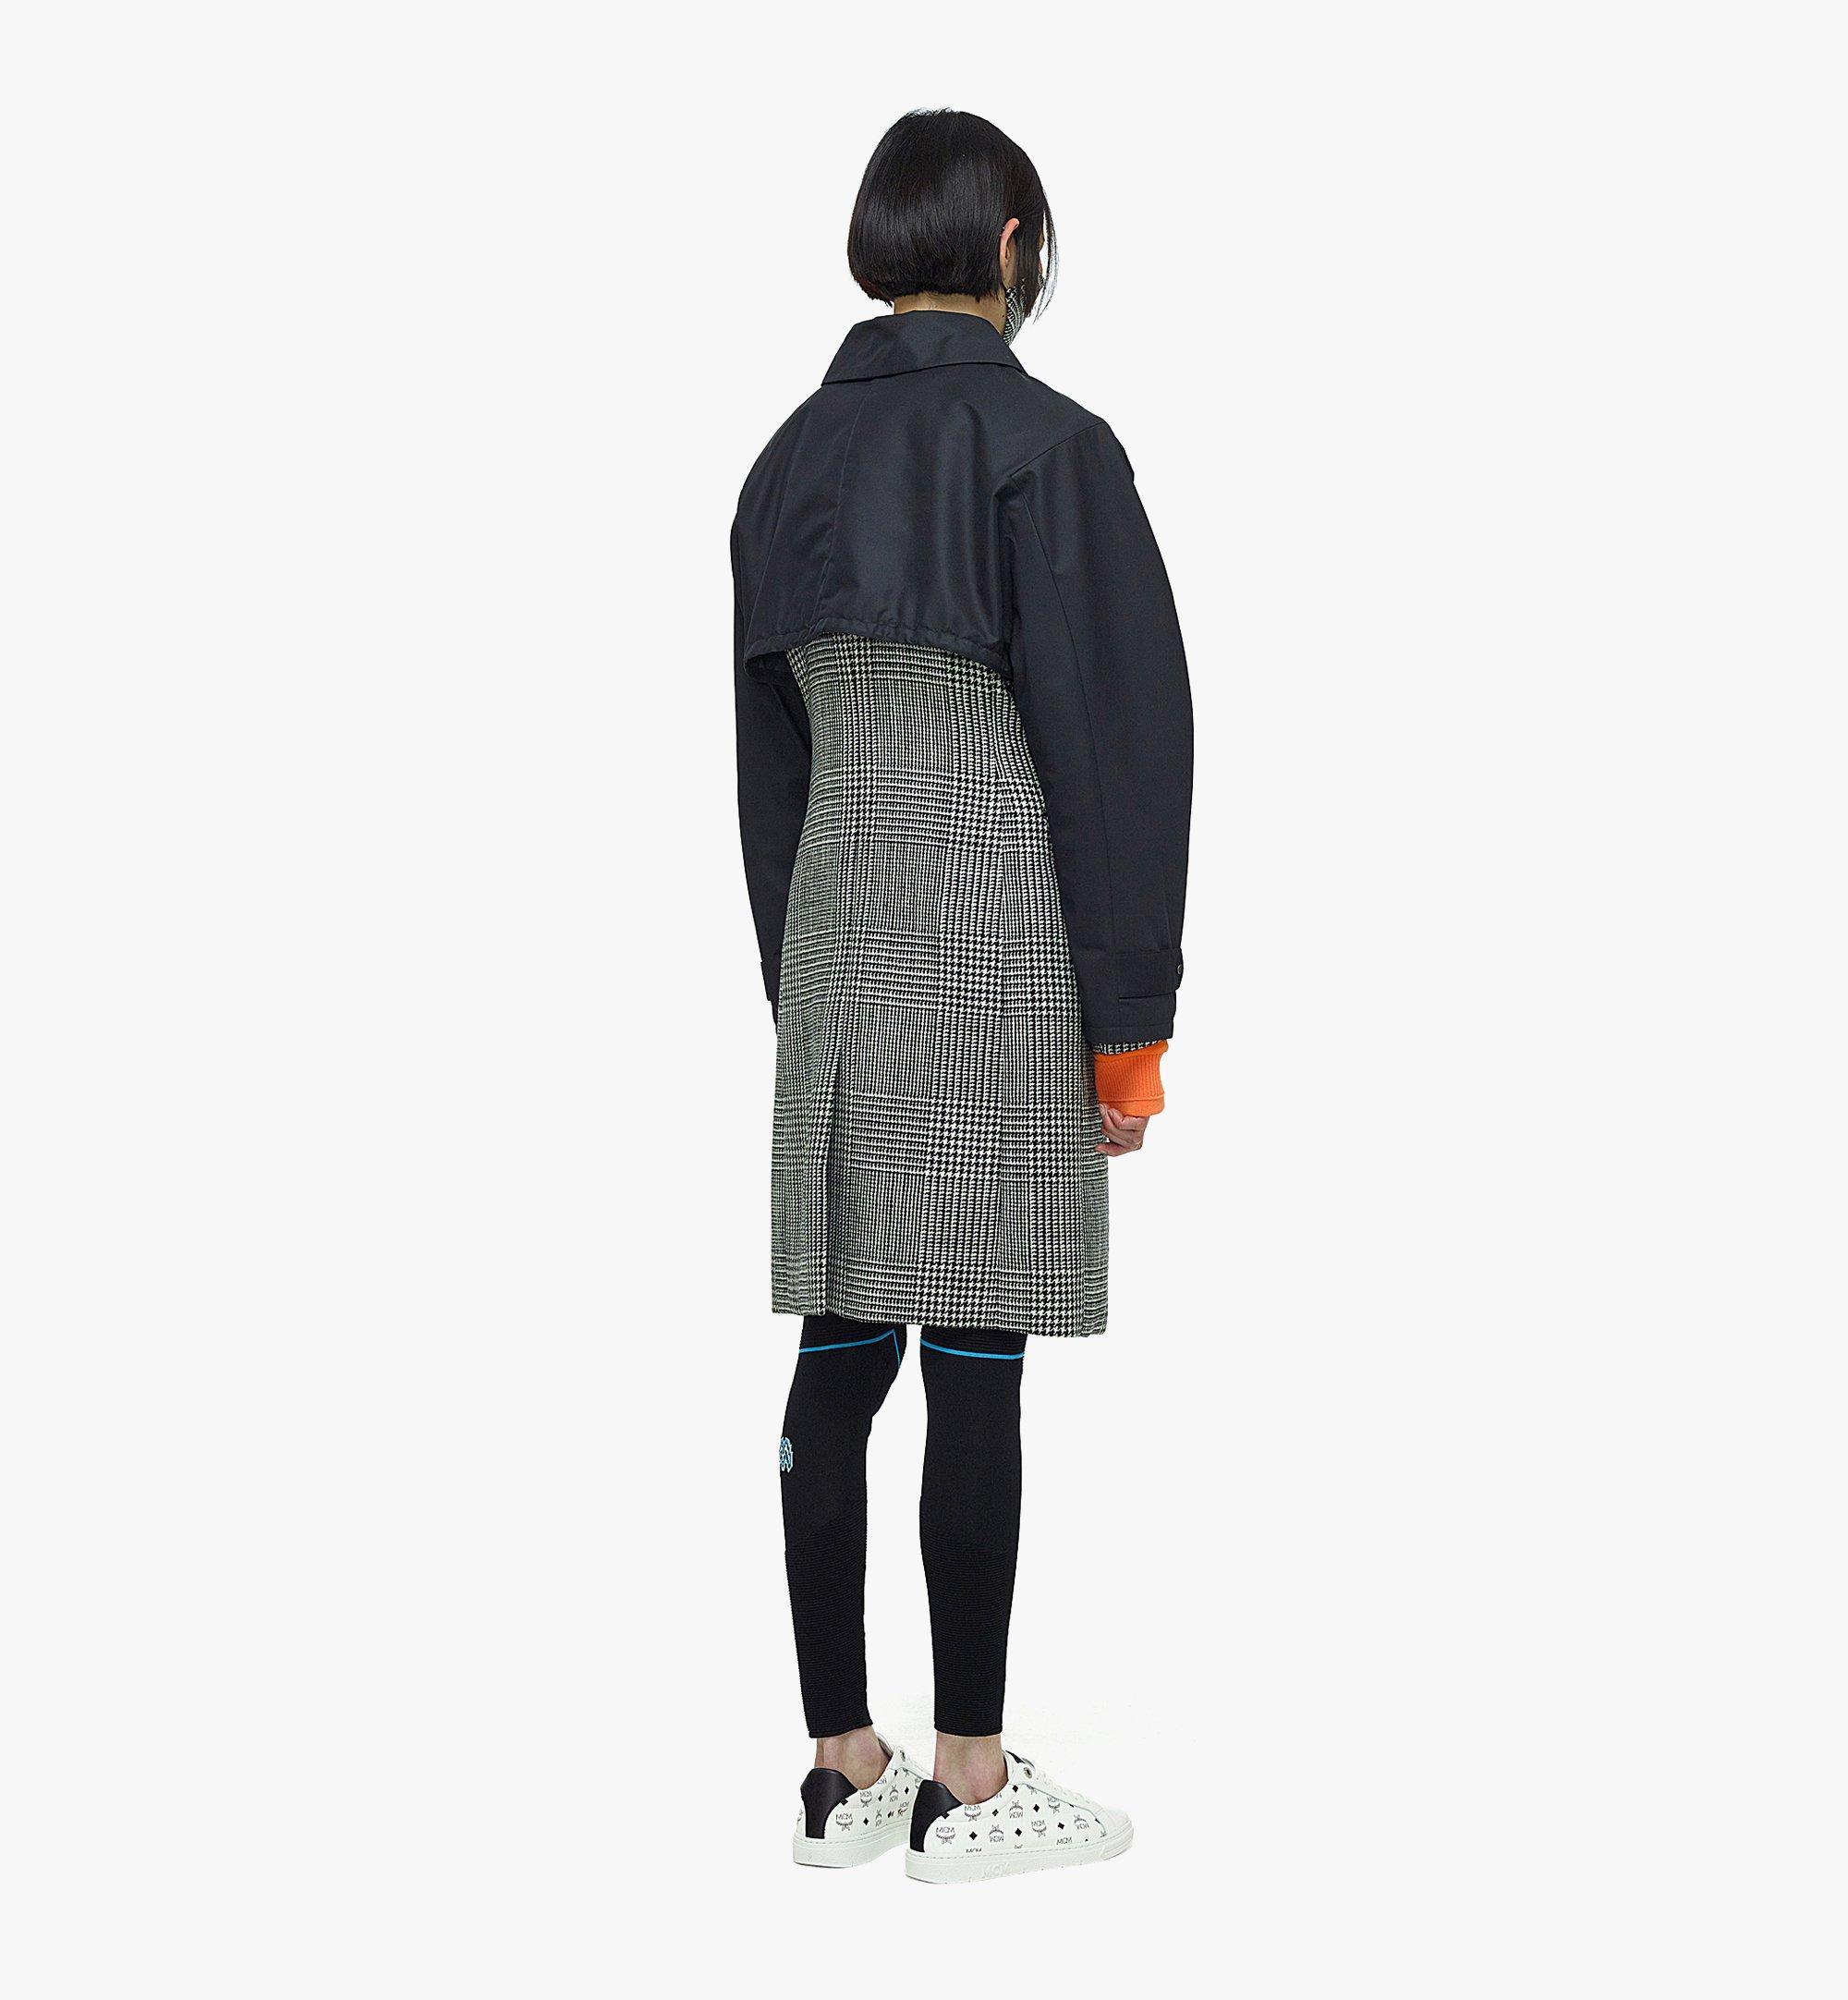 MCM Manteau en laine à carreaux avec empiècement en nylon pour femme Black MFCBAMM01BK040 Plus de photos 5